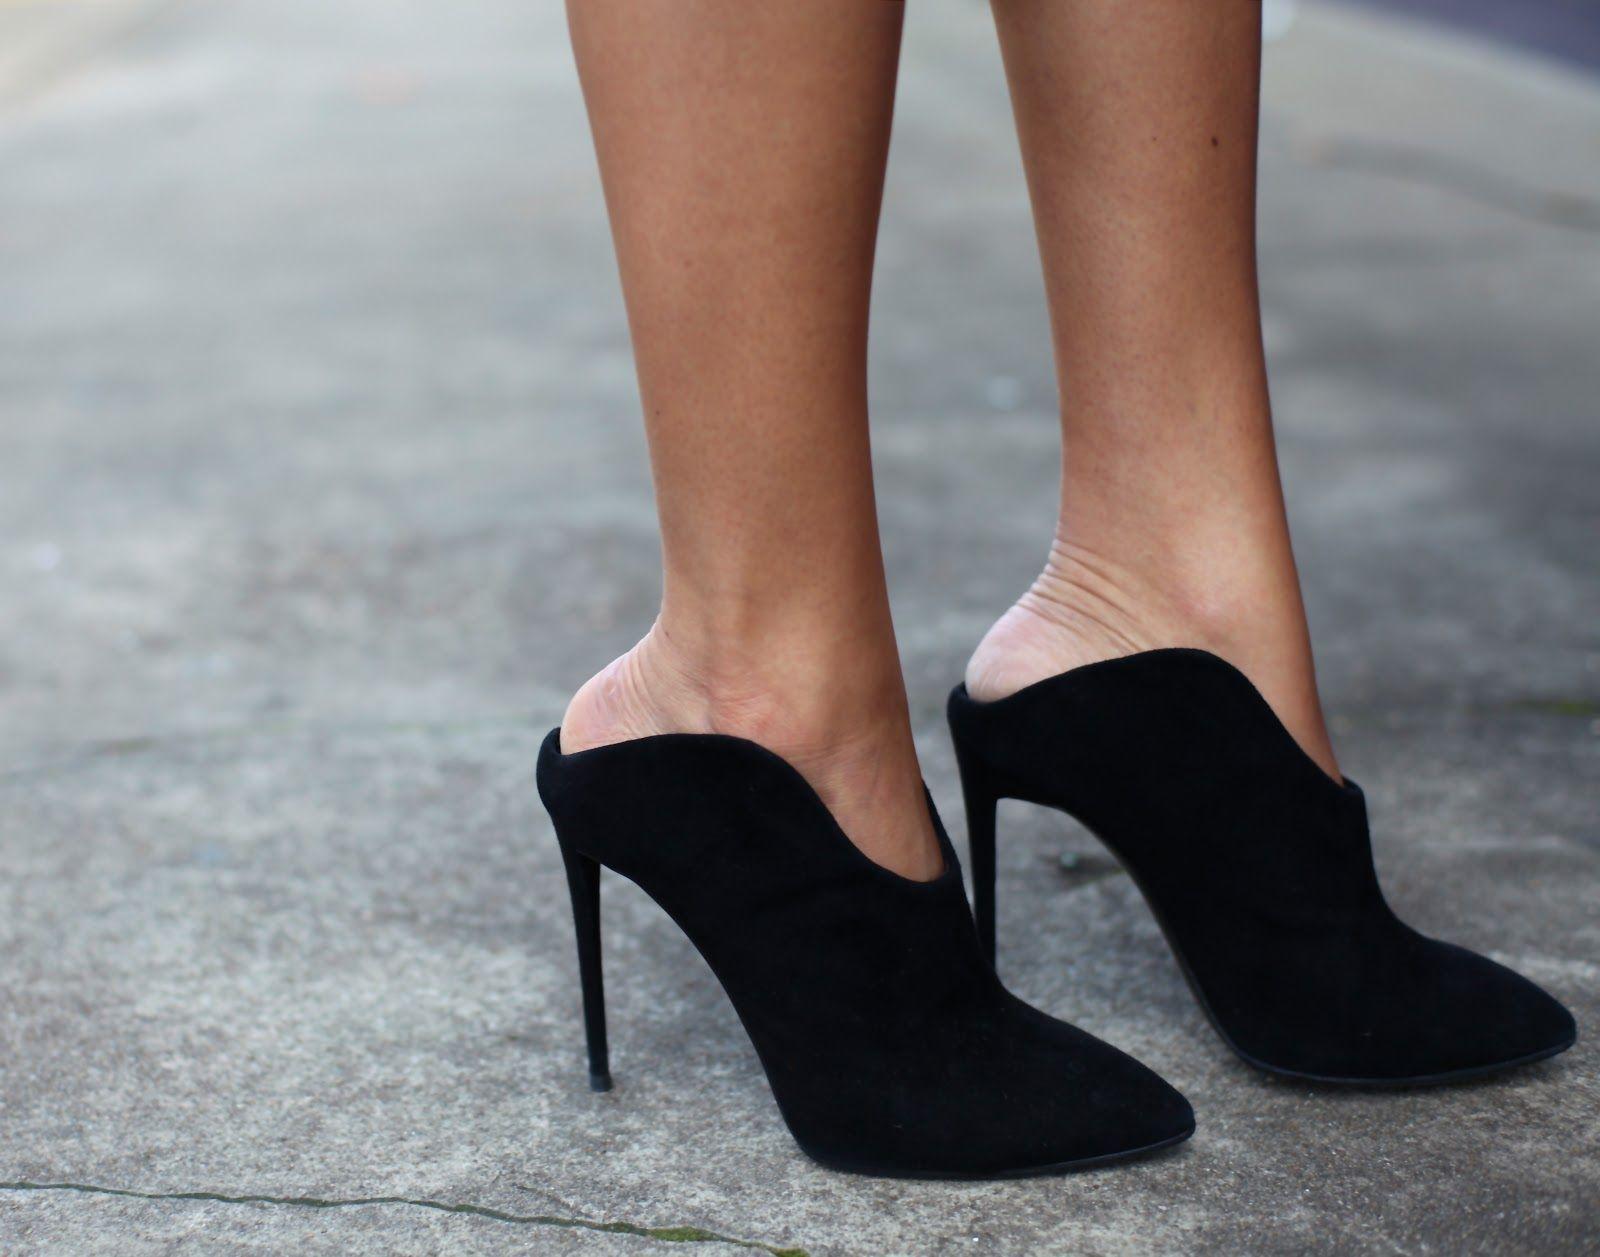 Mytheresa Me Too Shoes Shoe Lover Fashion